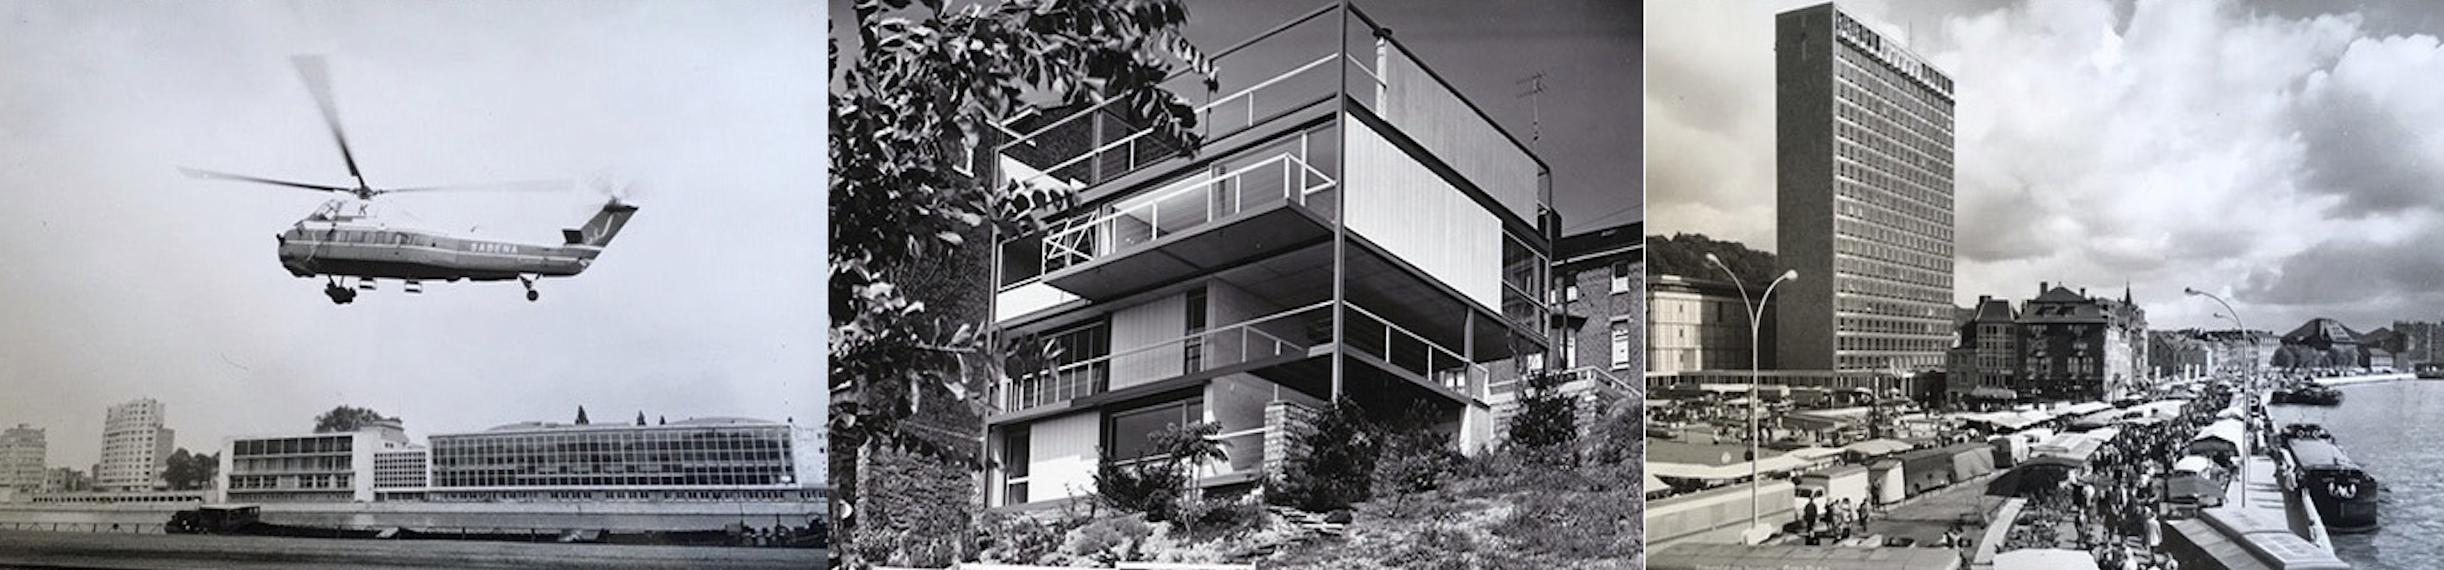 Liège XXe siècle - Les images de l'architecture moderne